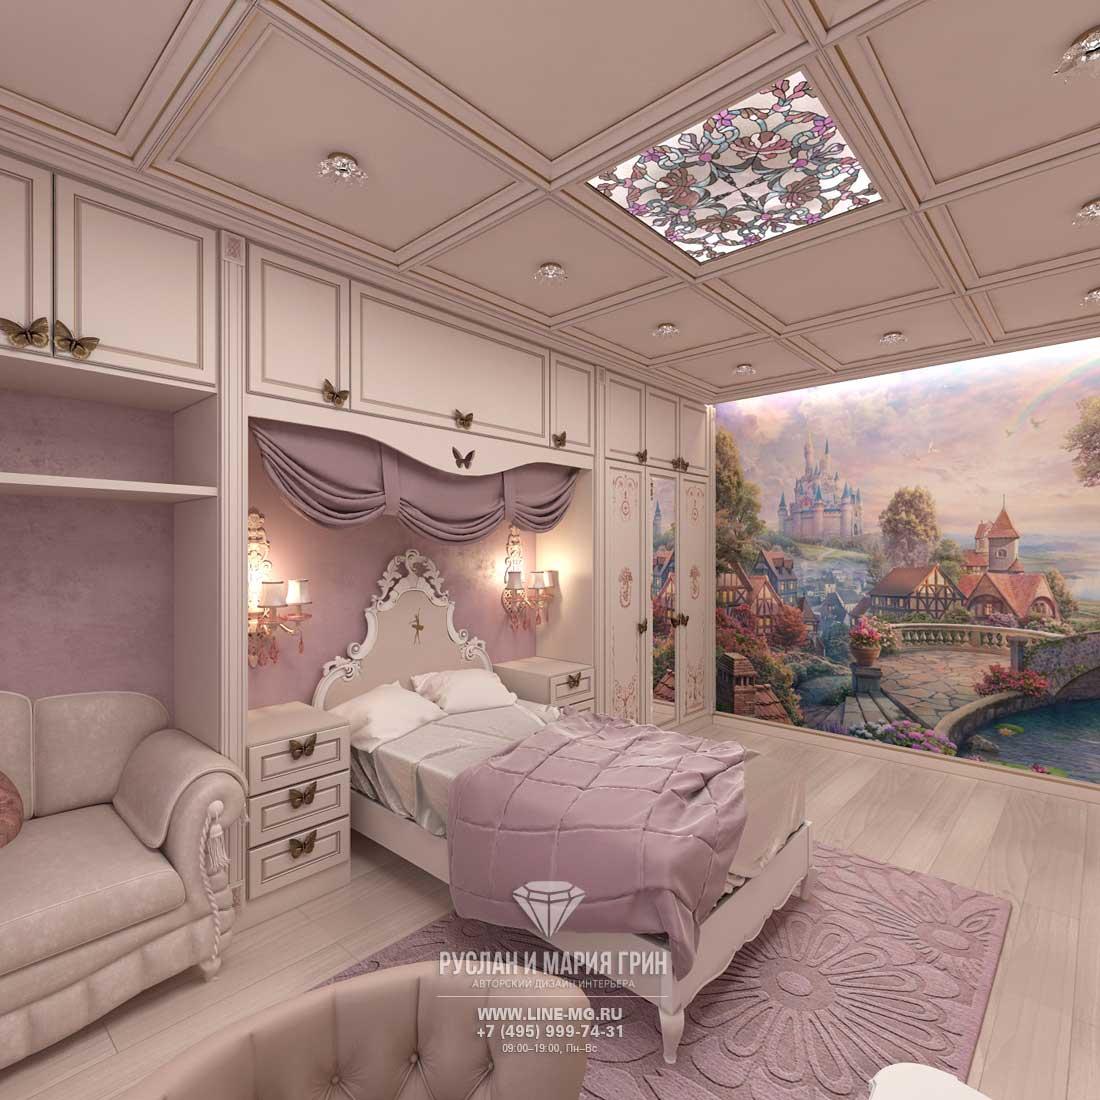 Дизайн красивой квартиры. Фото интерьера детской в классическом стиле